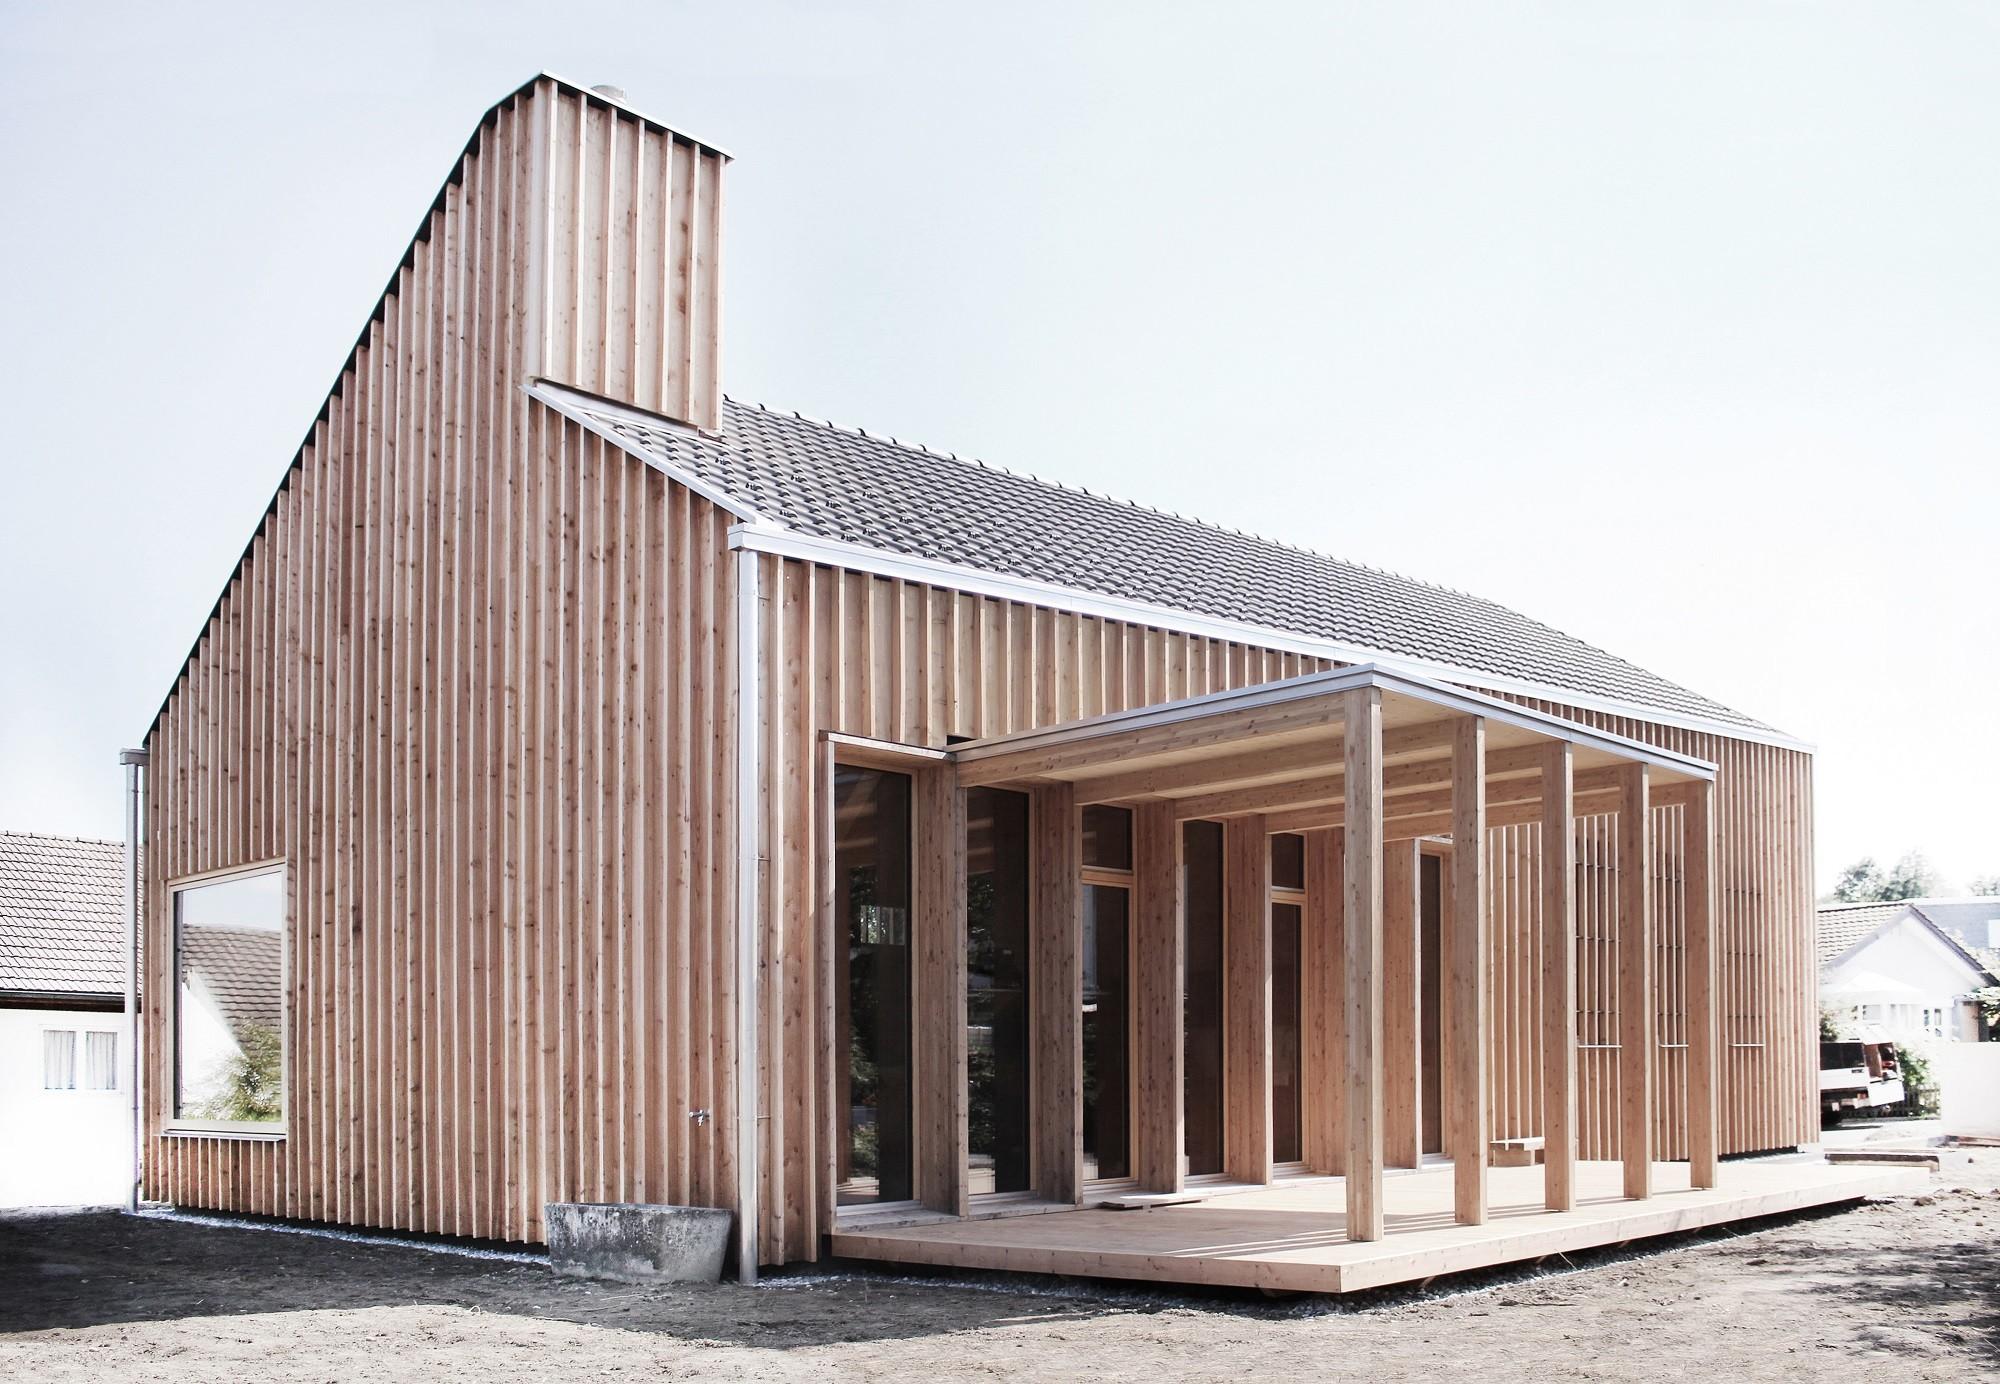 Wohnhaus Am Bodensee Nachhaltig Bauen Wohnen Baunetzwissen